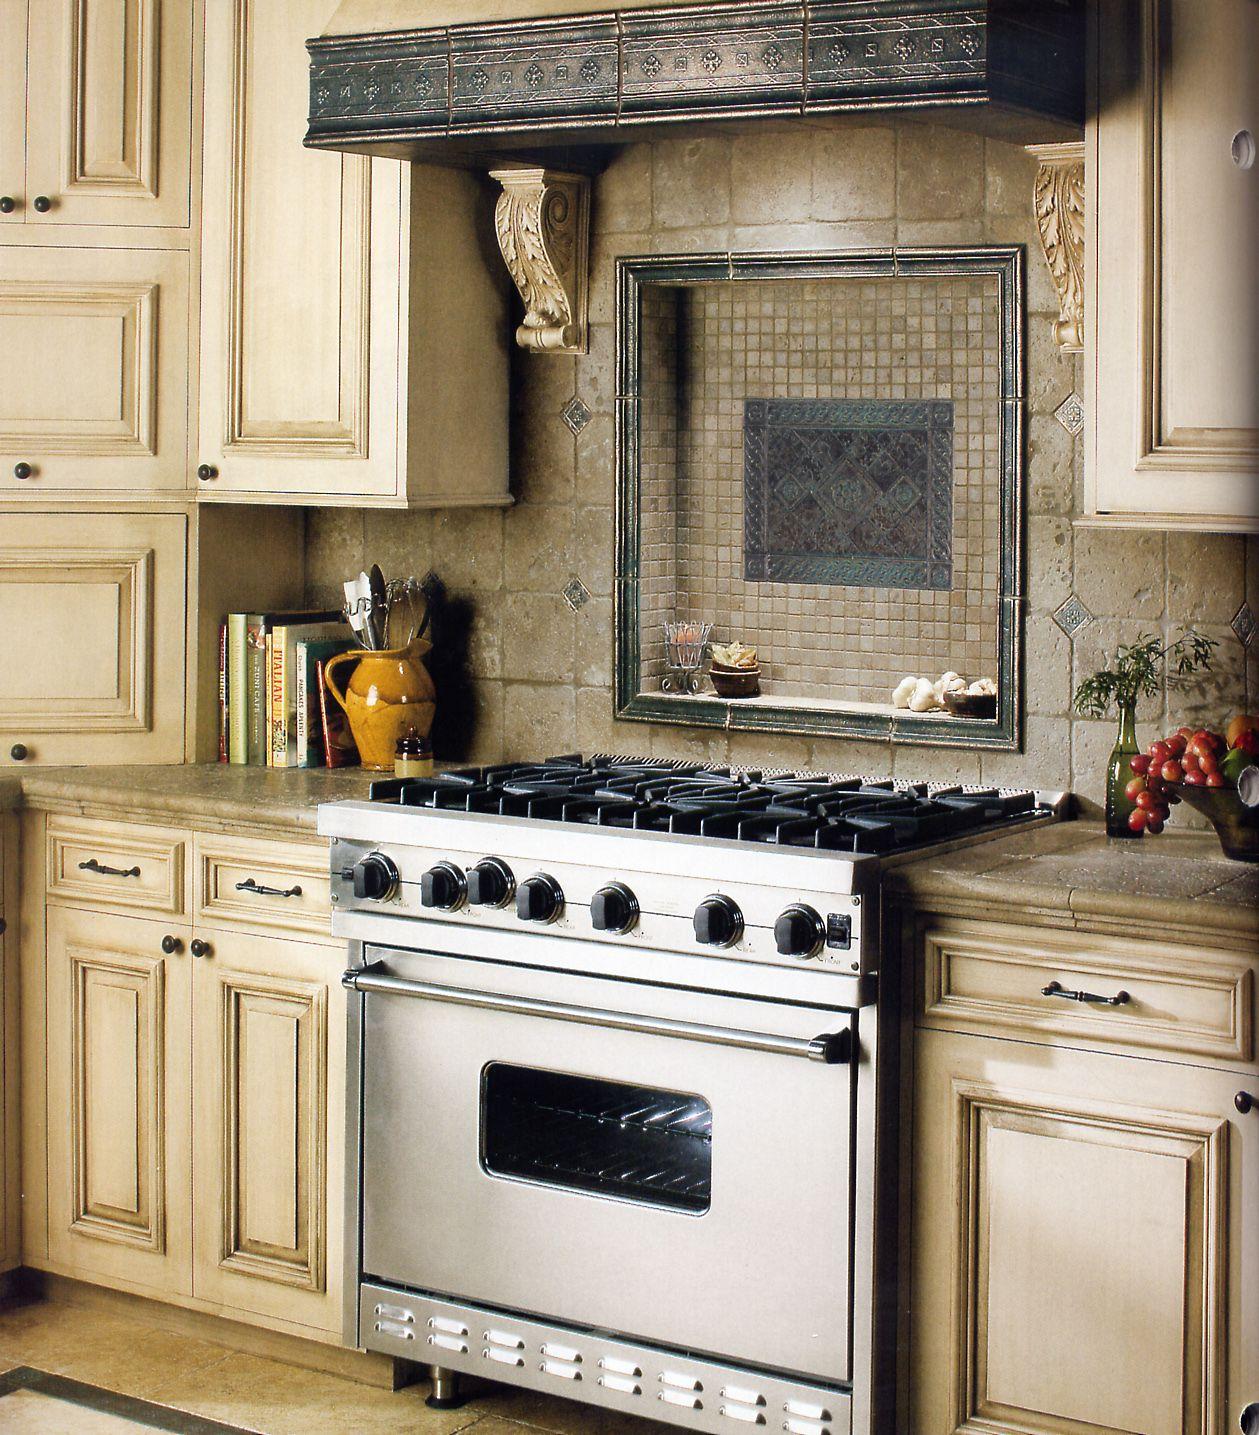 Kitchen Backsplash Neutral: Kitchen Hood With Regard To Kitchen Vent Hood Inserts How